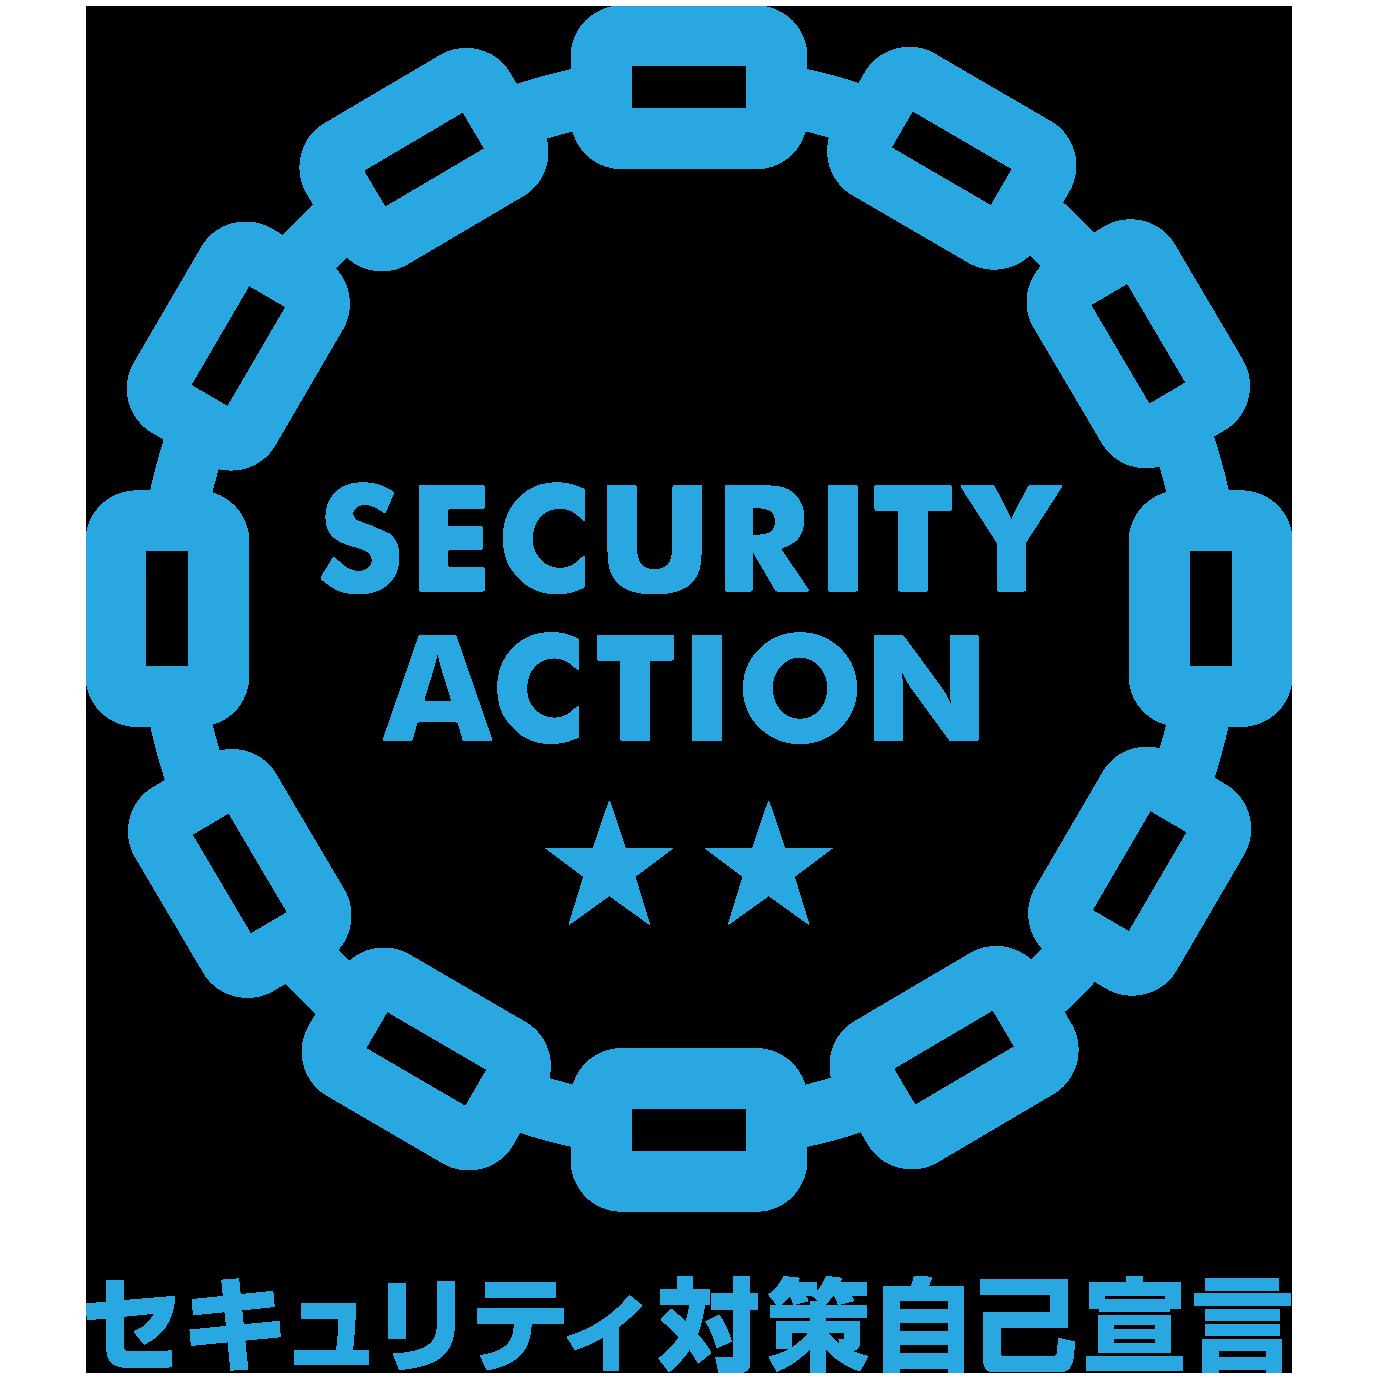 SECURITY ACTION(二つ星)を宣言しました | 事務所からのお知らせ